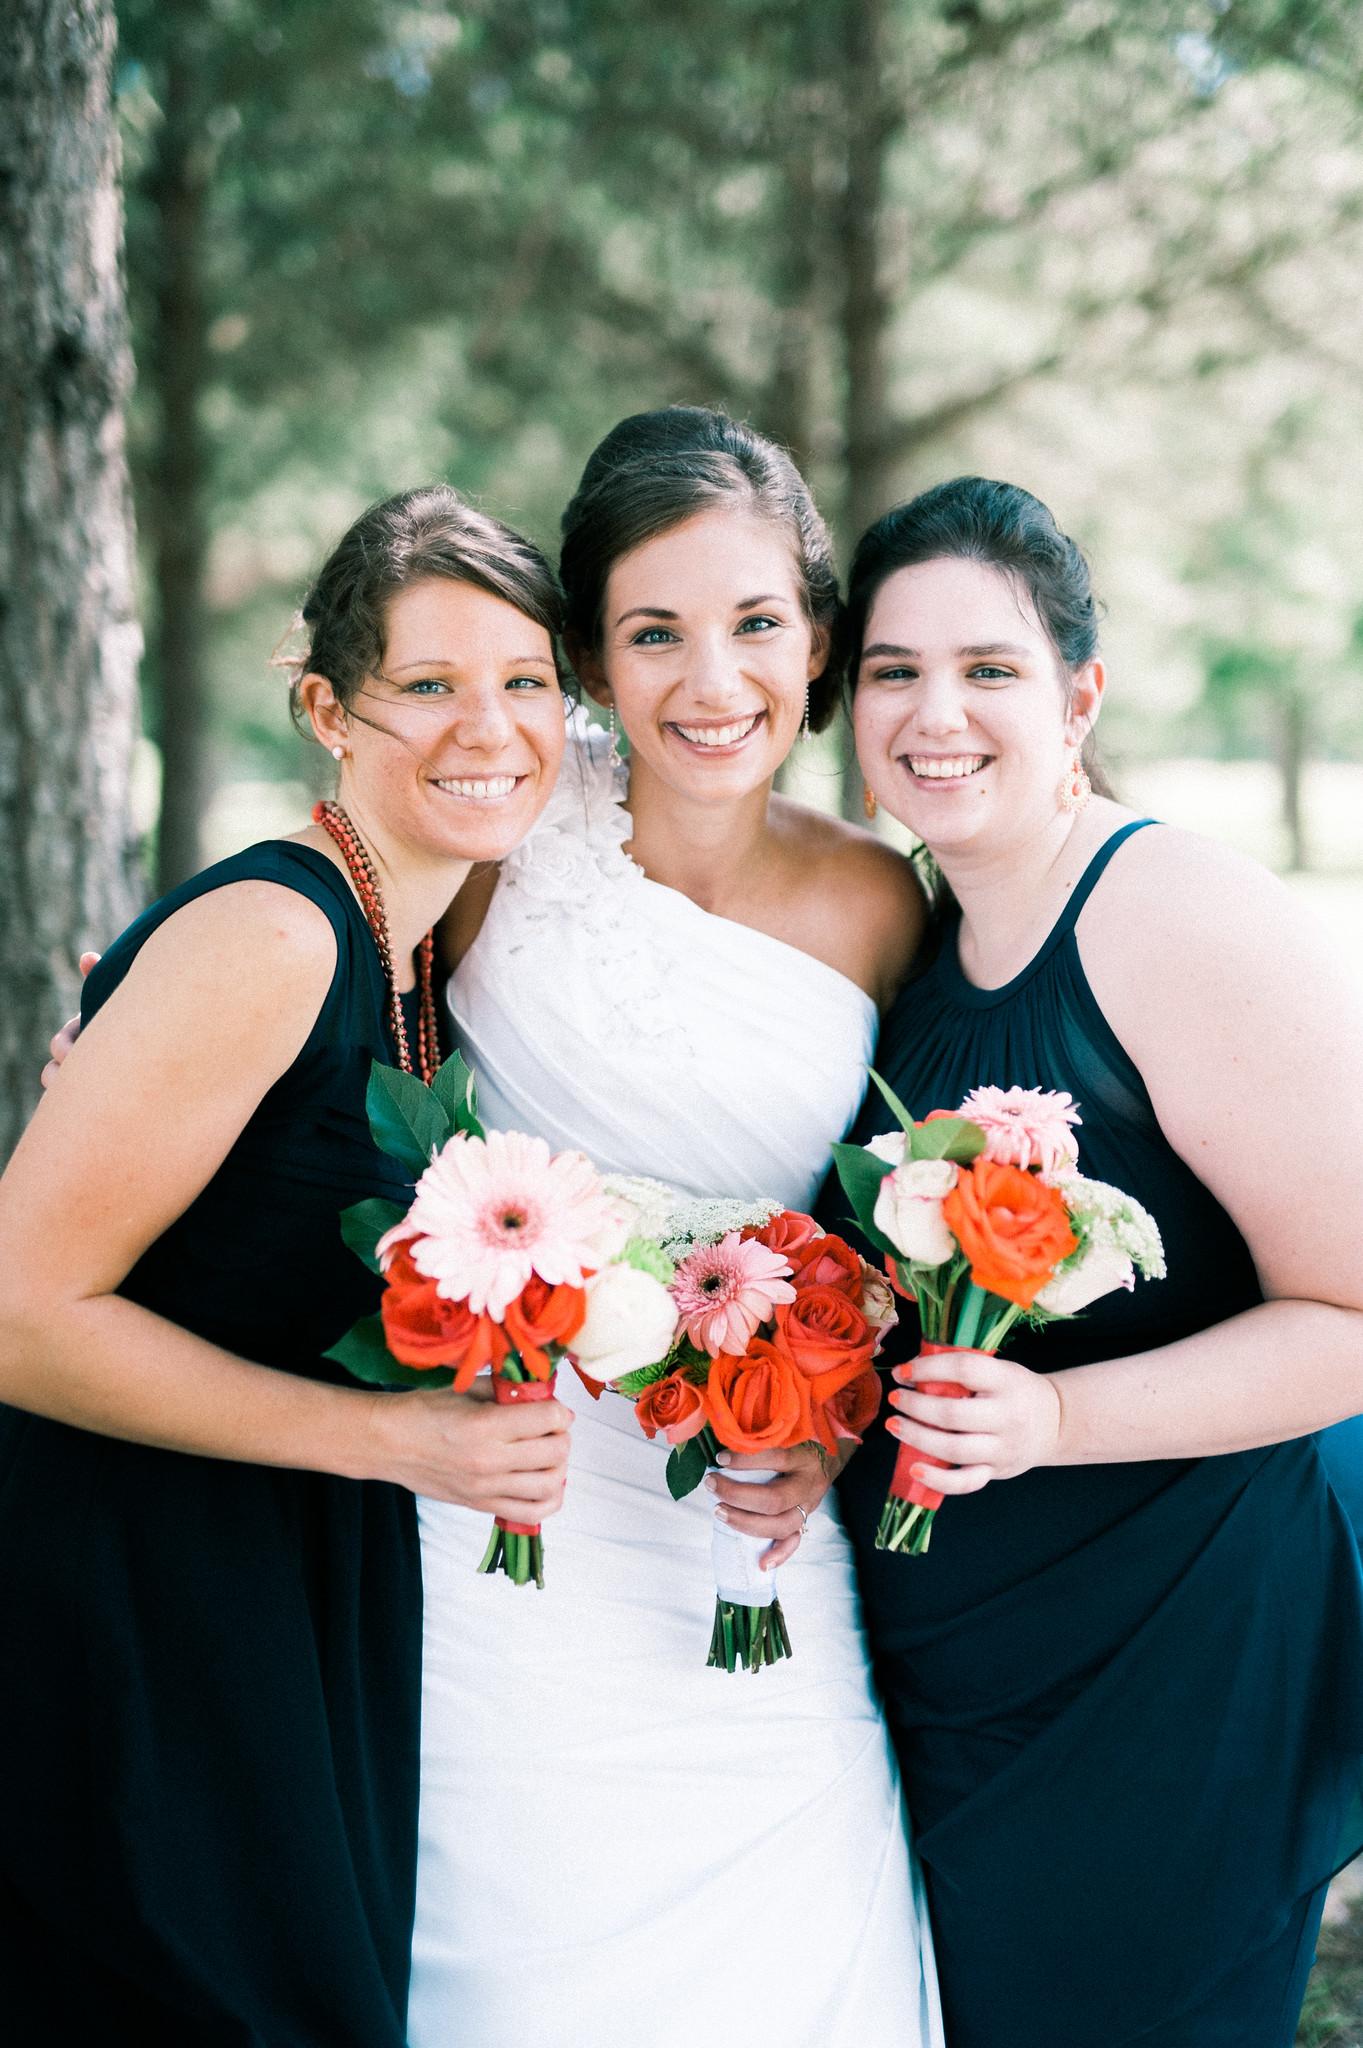 arthur-wedding-096-X4.jpg